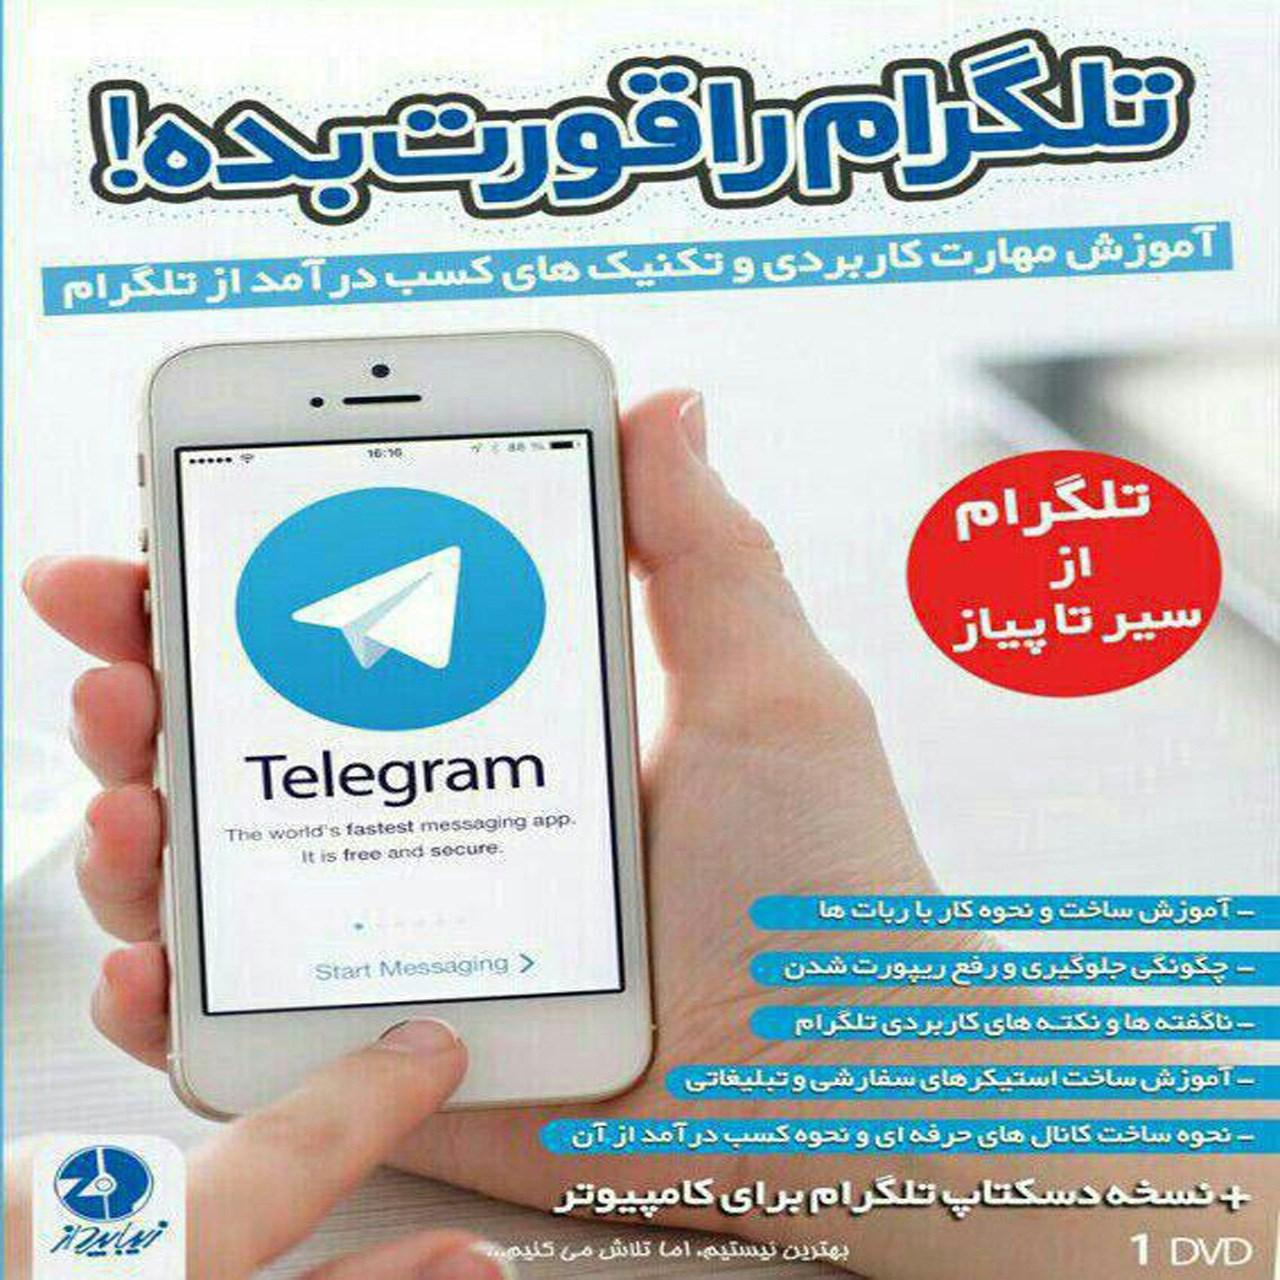 نرم افزار آموزش جامع تلگرام نشر زیباپرداز